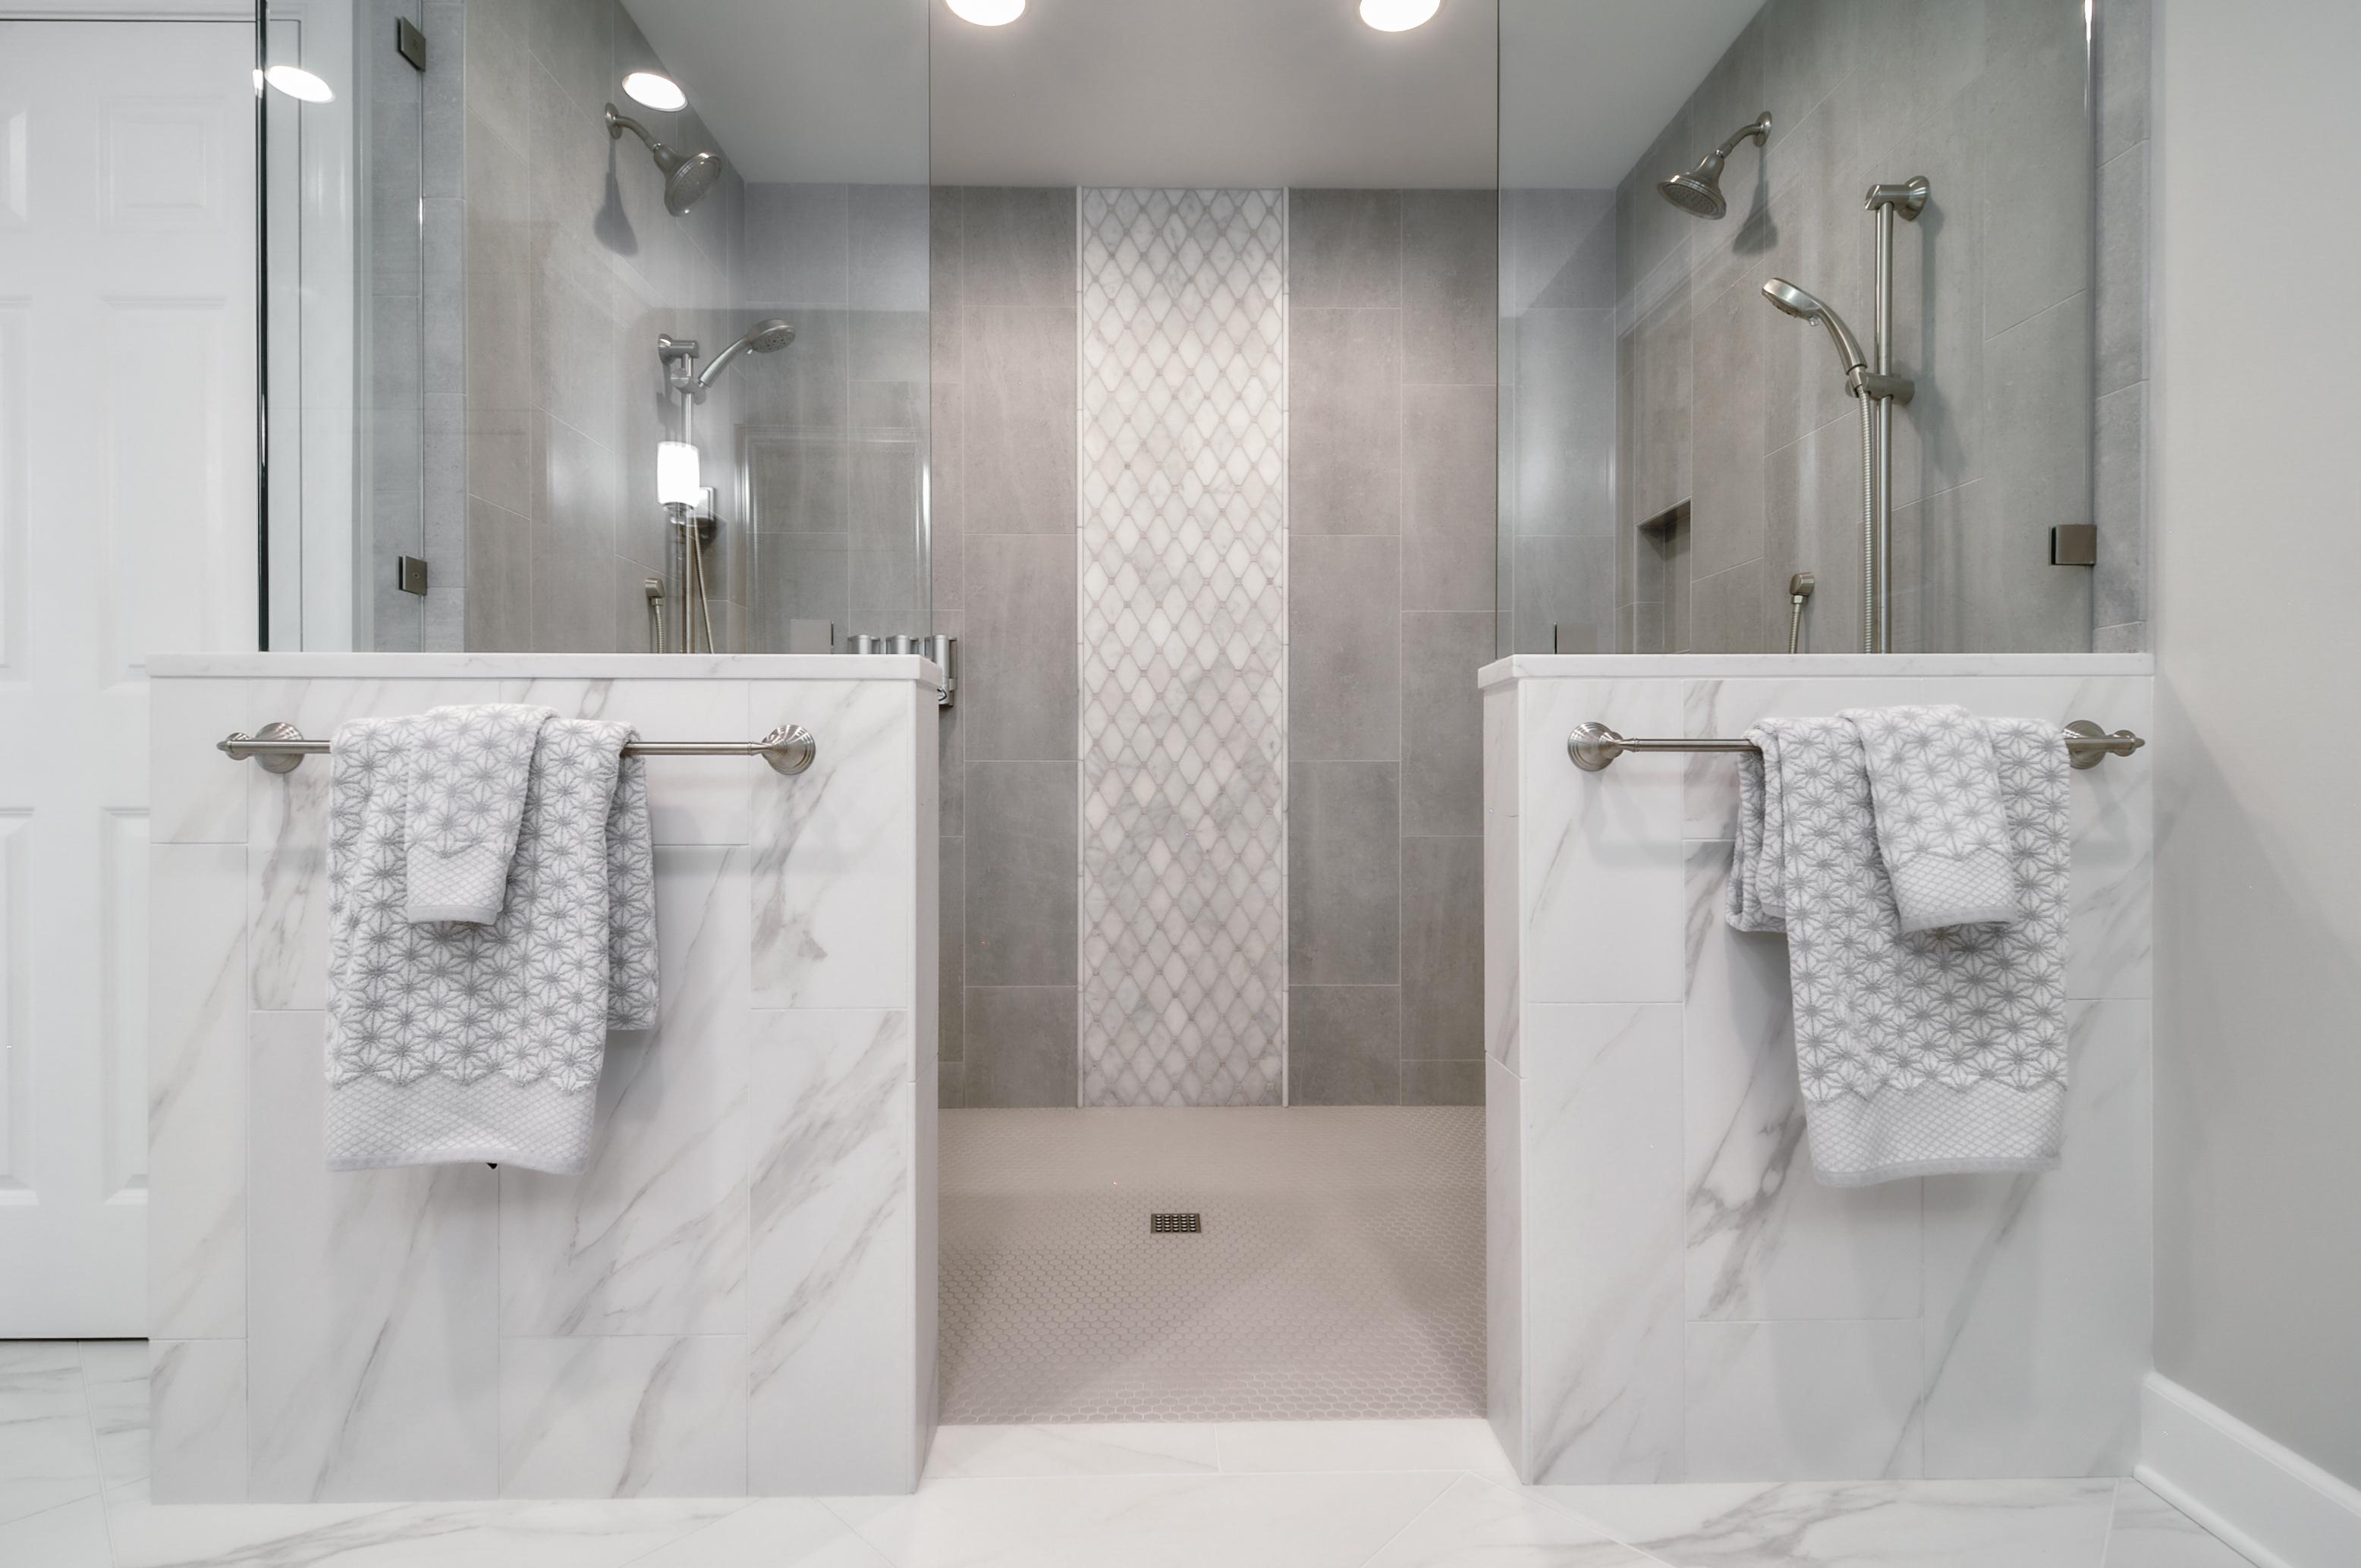 Ward_Master Bathroom (15)